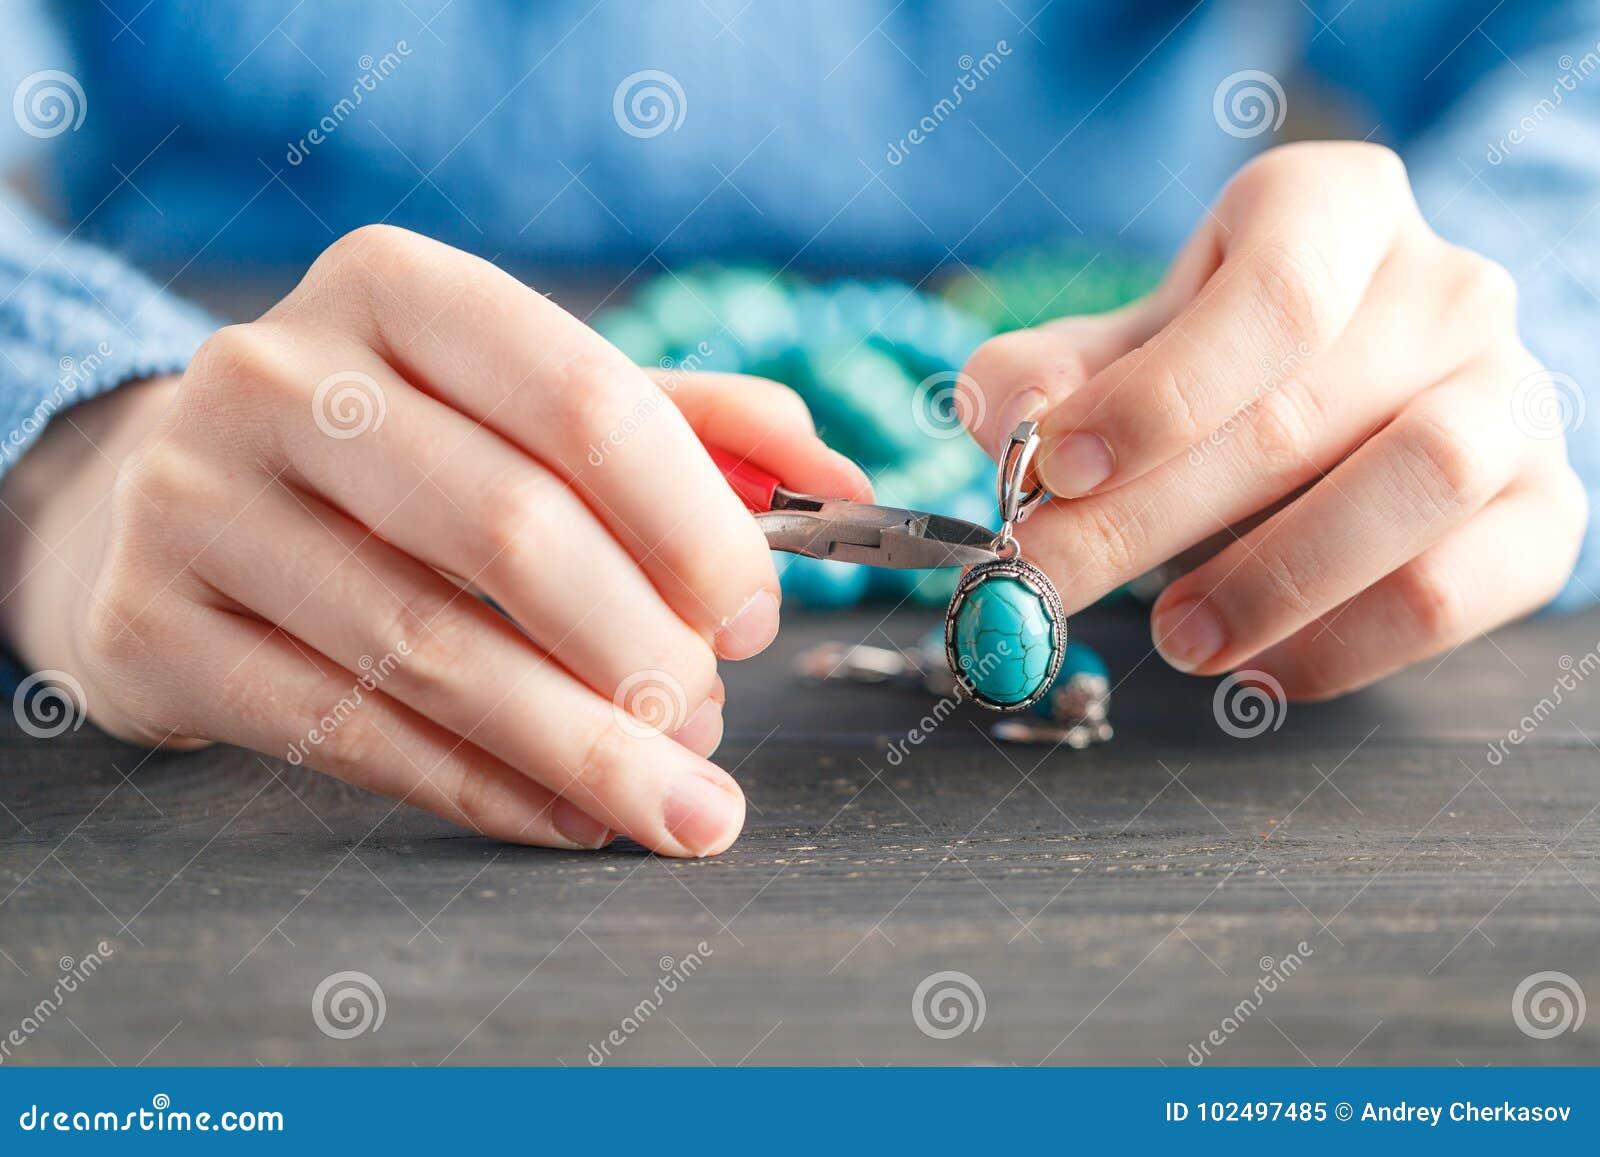 Χειροποίητα σκουλαρίκια που κάνουν, εγχώριο εργαστήριο Η γυναίκα χειροτεχνική δημιουργεί το κόσμημα θυσάνων Τέχνη, χόμπι, έννοια